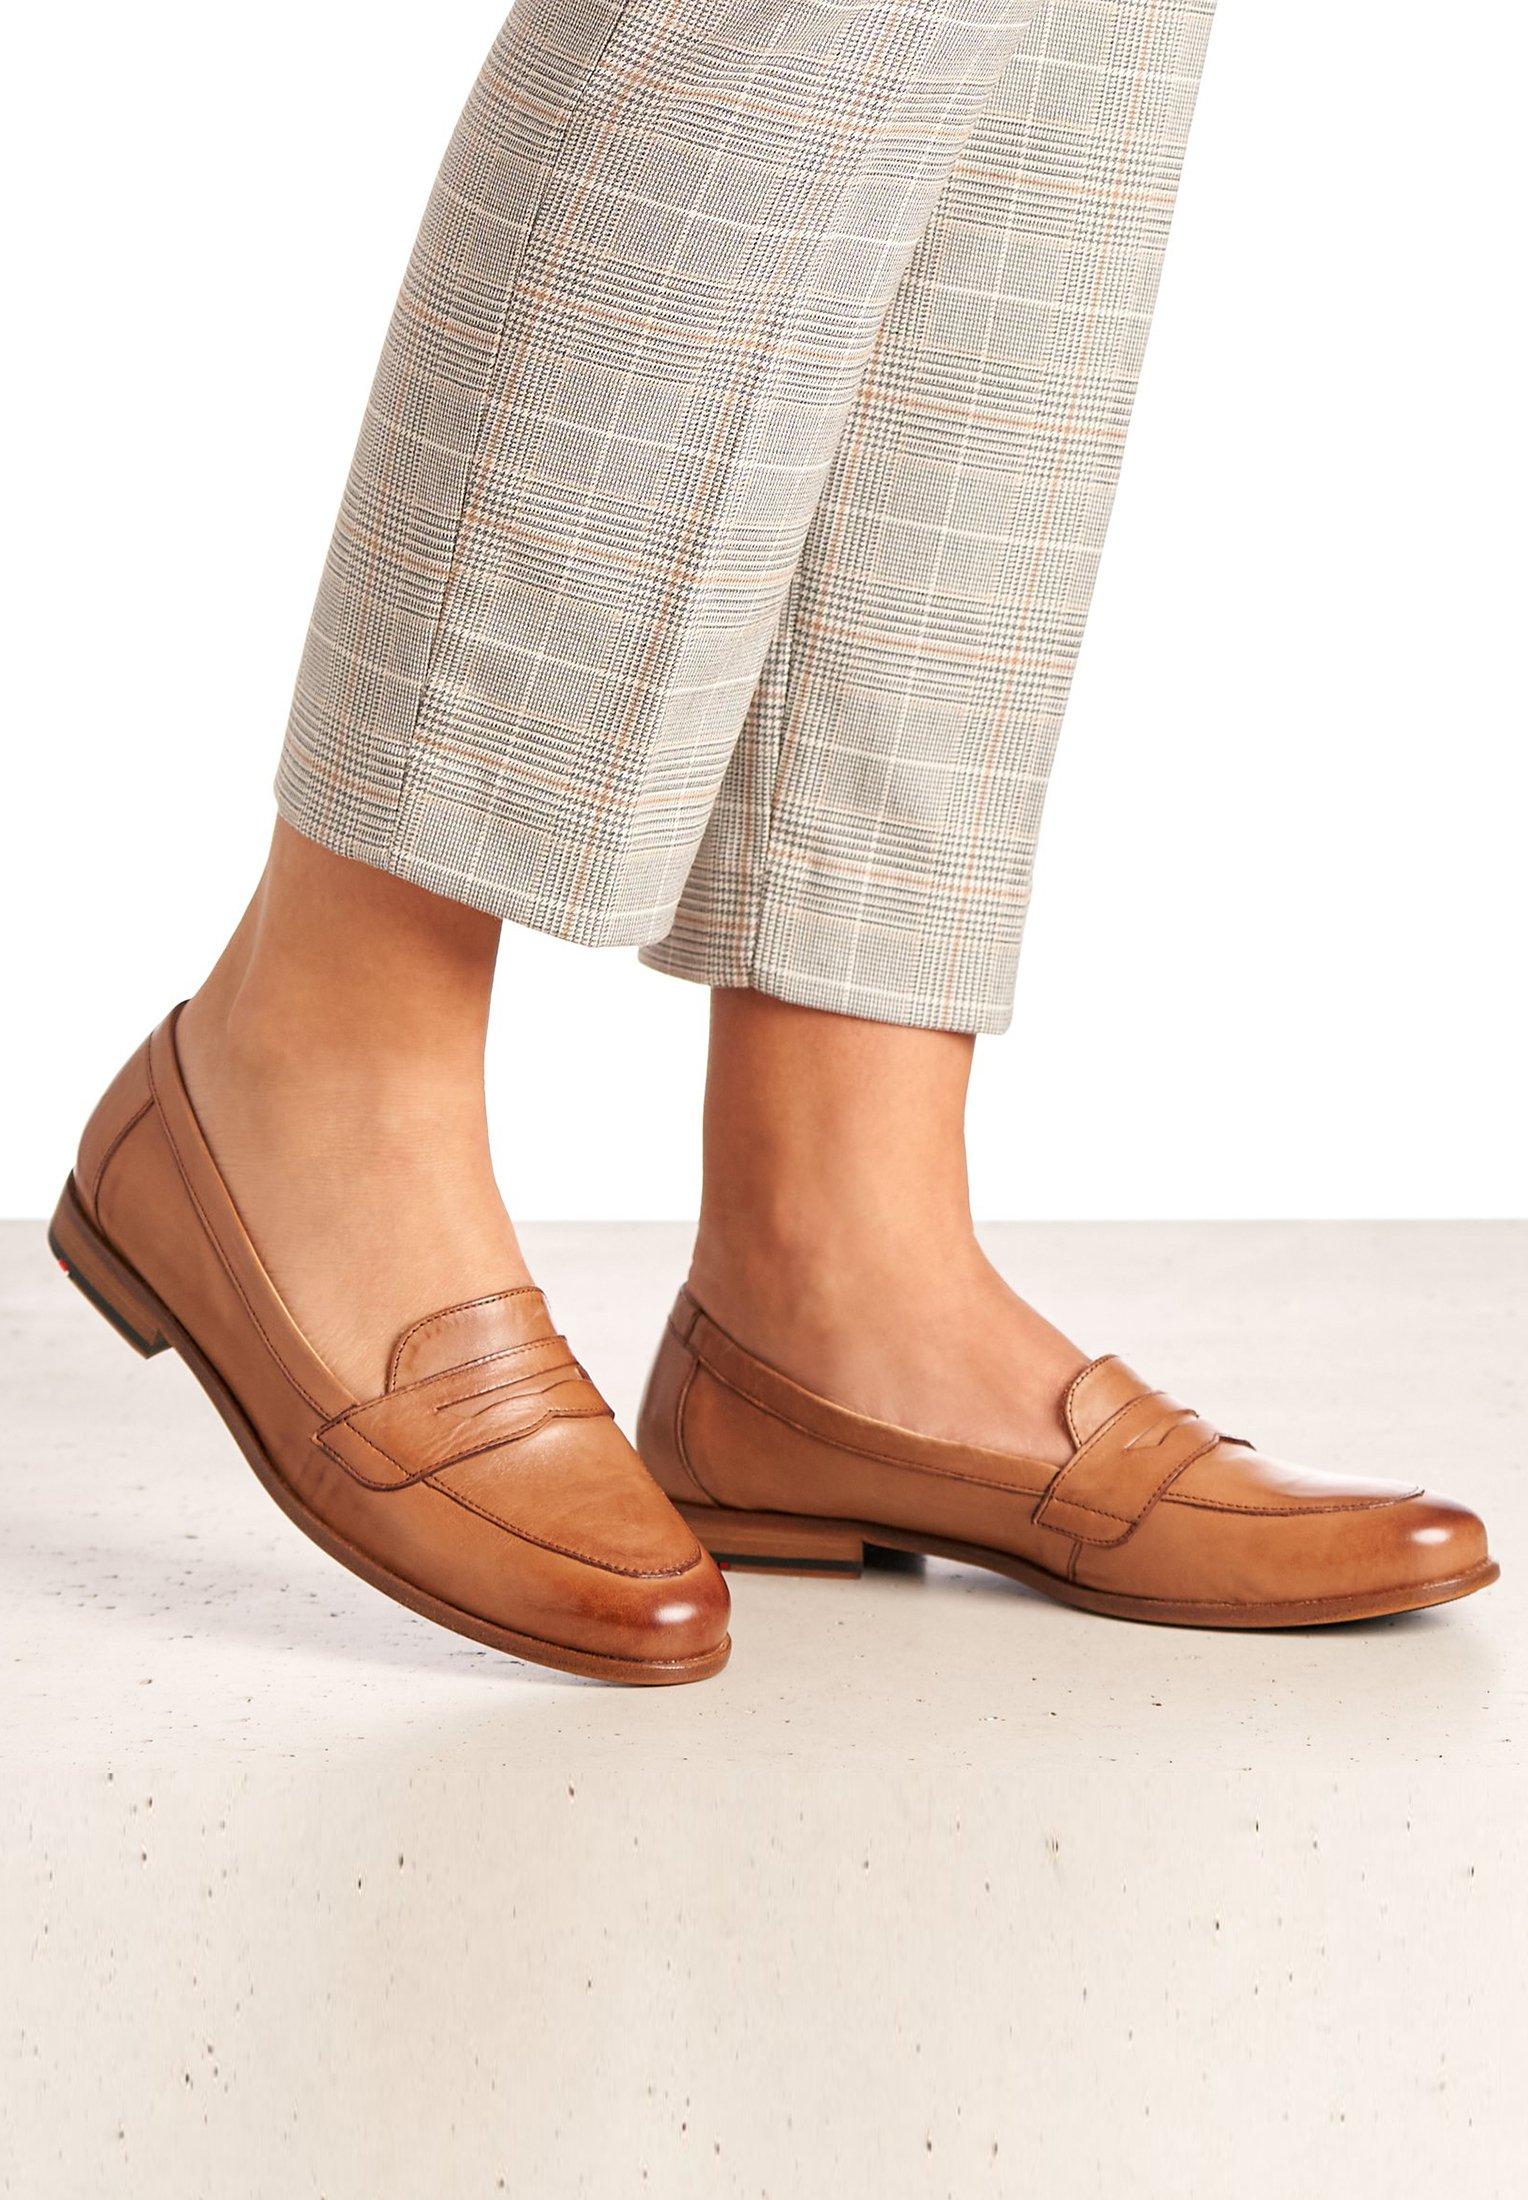 Braune Halbschuhe für Damen sind die neue Schuhklasse für